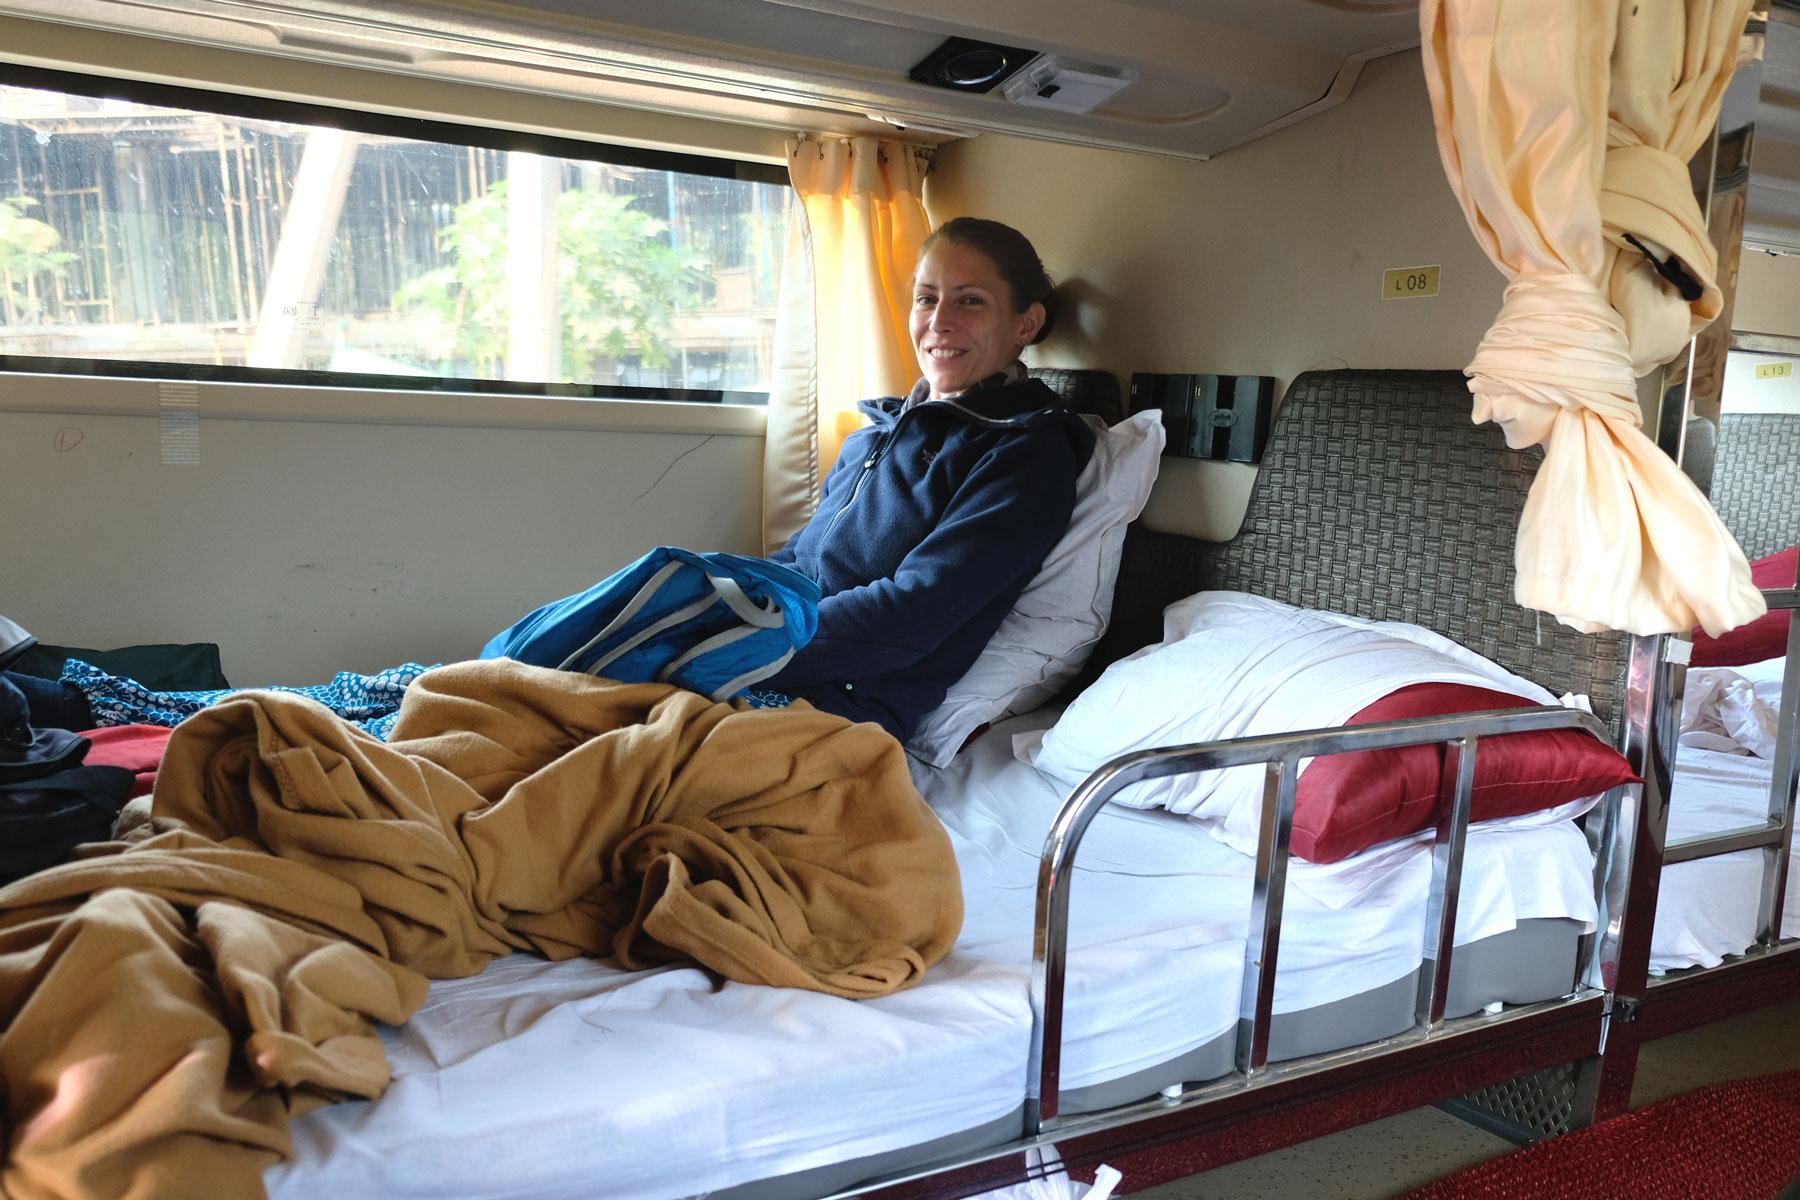 Leo sitzt im Bett eines Nachtbusses.